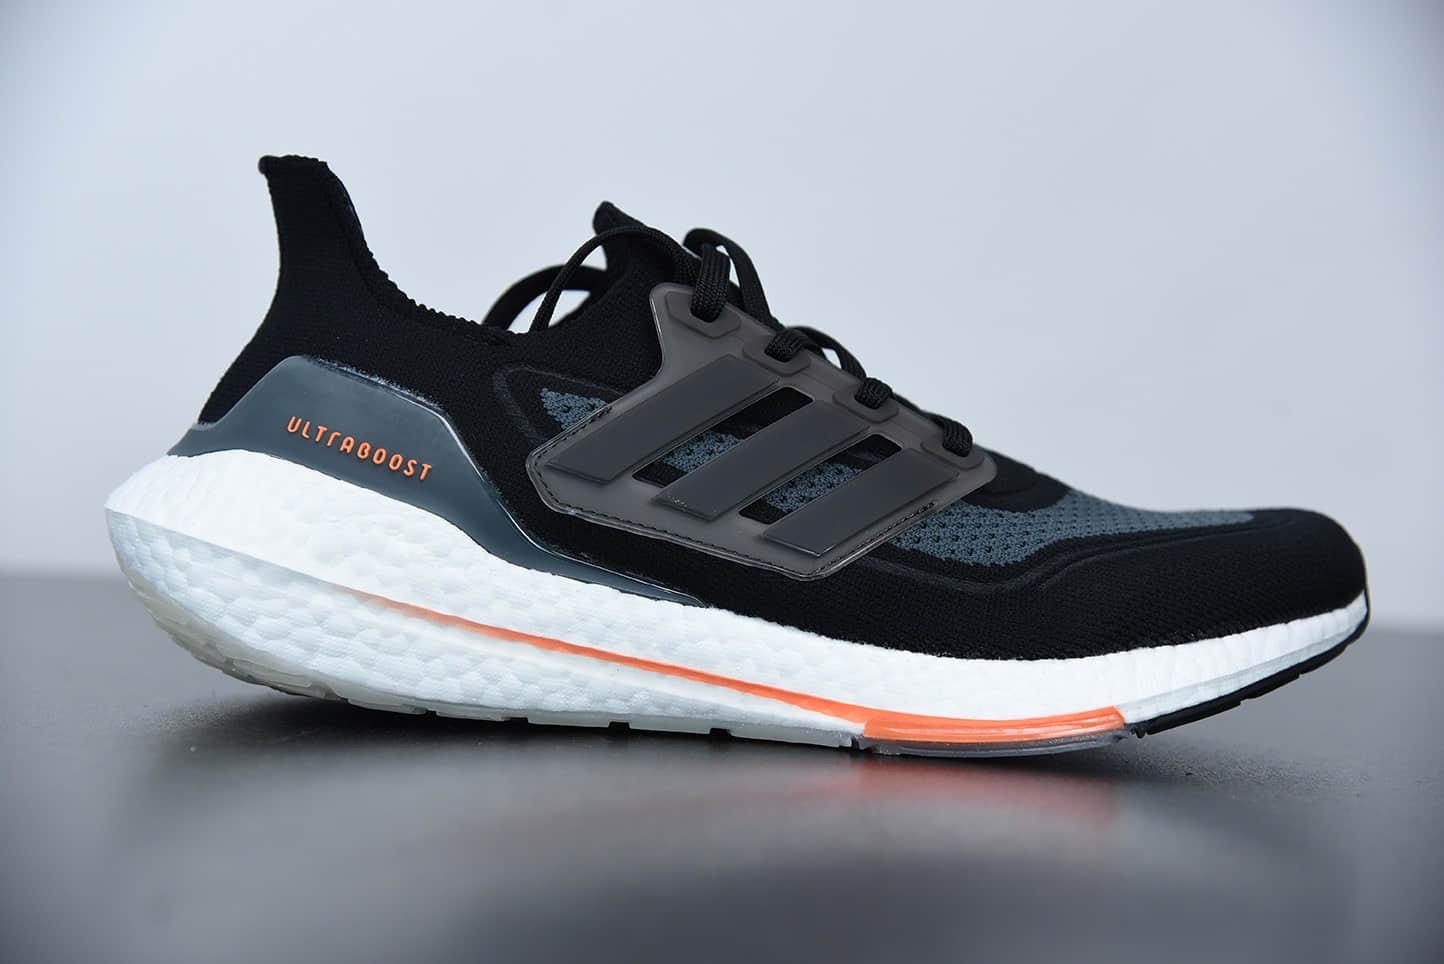 阿迪达斯 Adidas UltraBoost 21 黑灰色加厚爆米花袜套式针织鞋面休闲运动慢跑鞋纯原版本 货号:FY0389